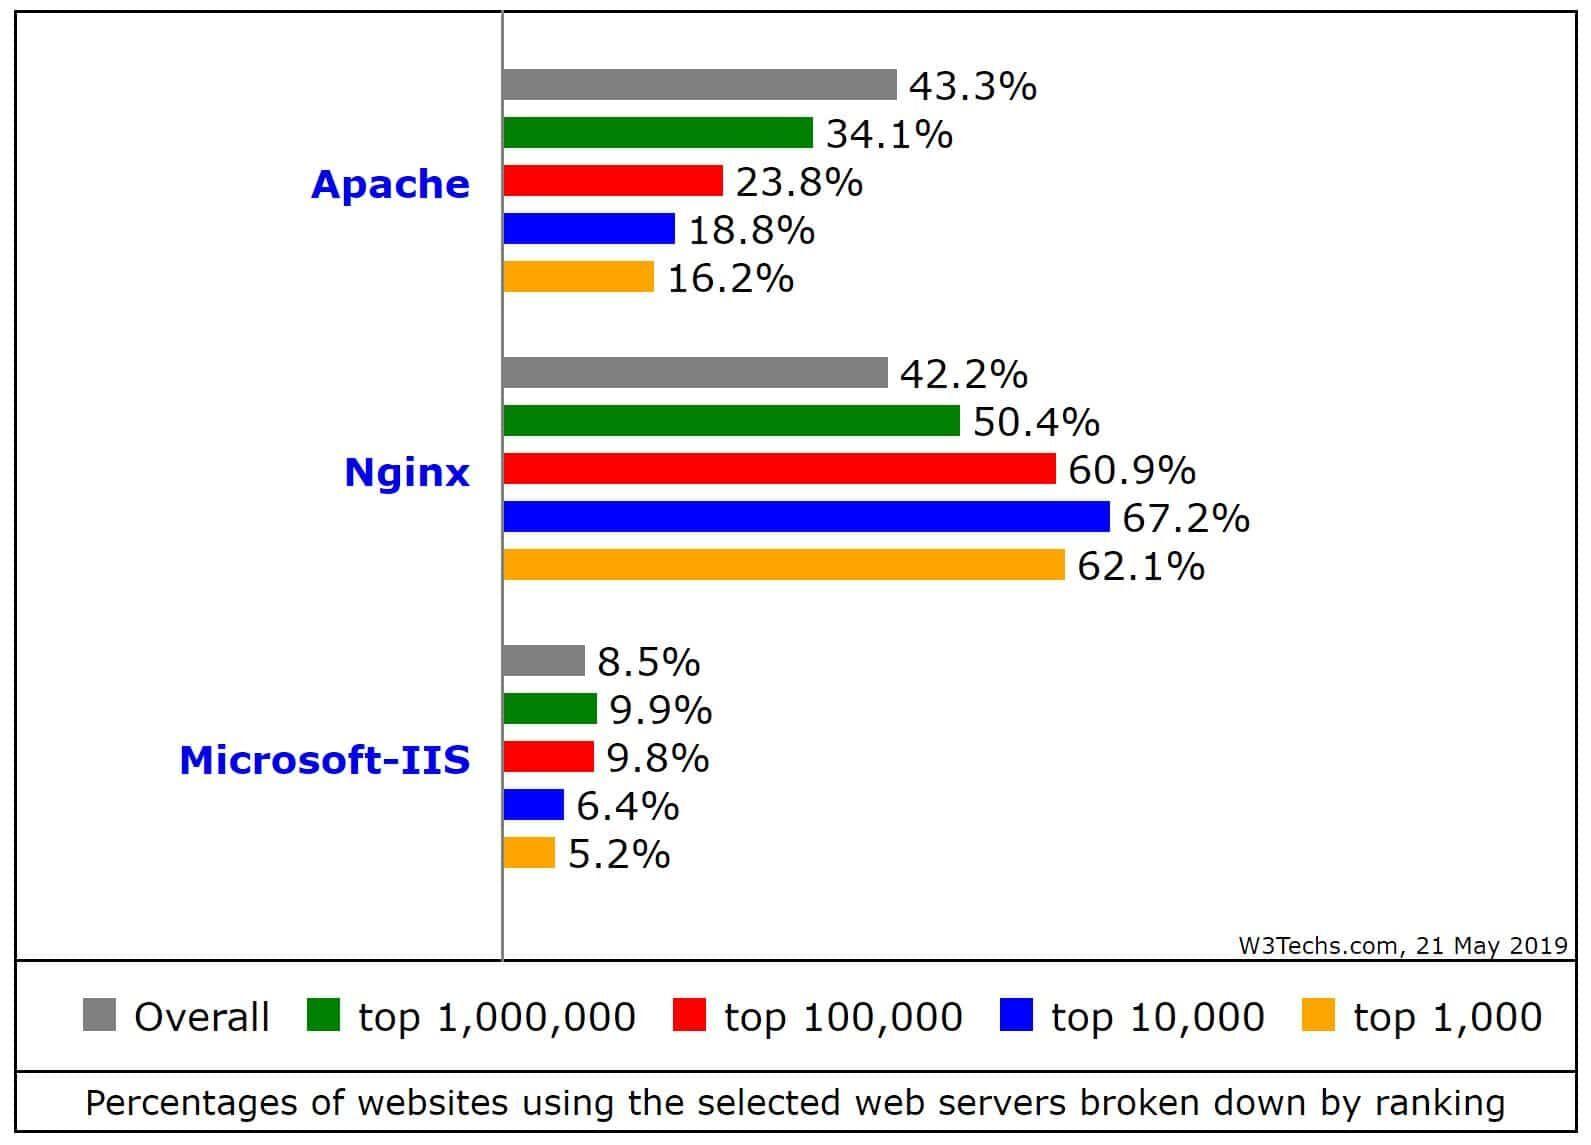 使用Nginx的网站百分比